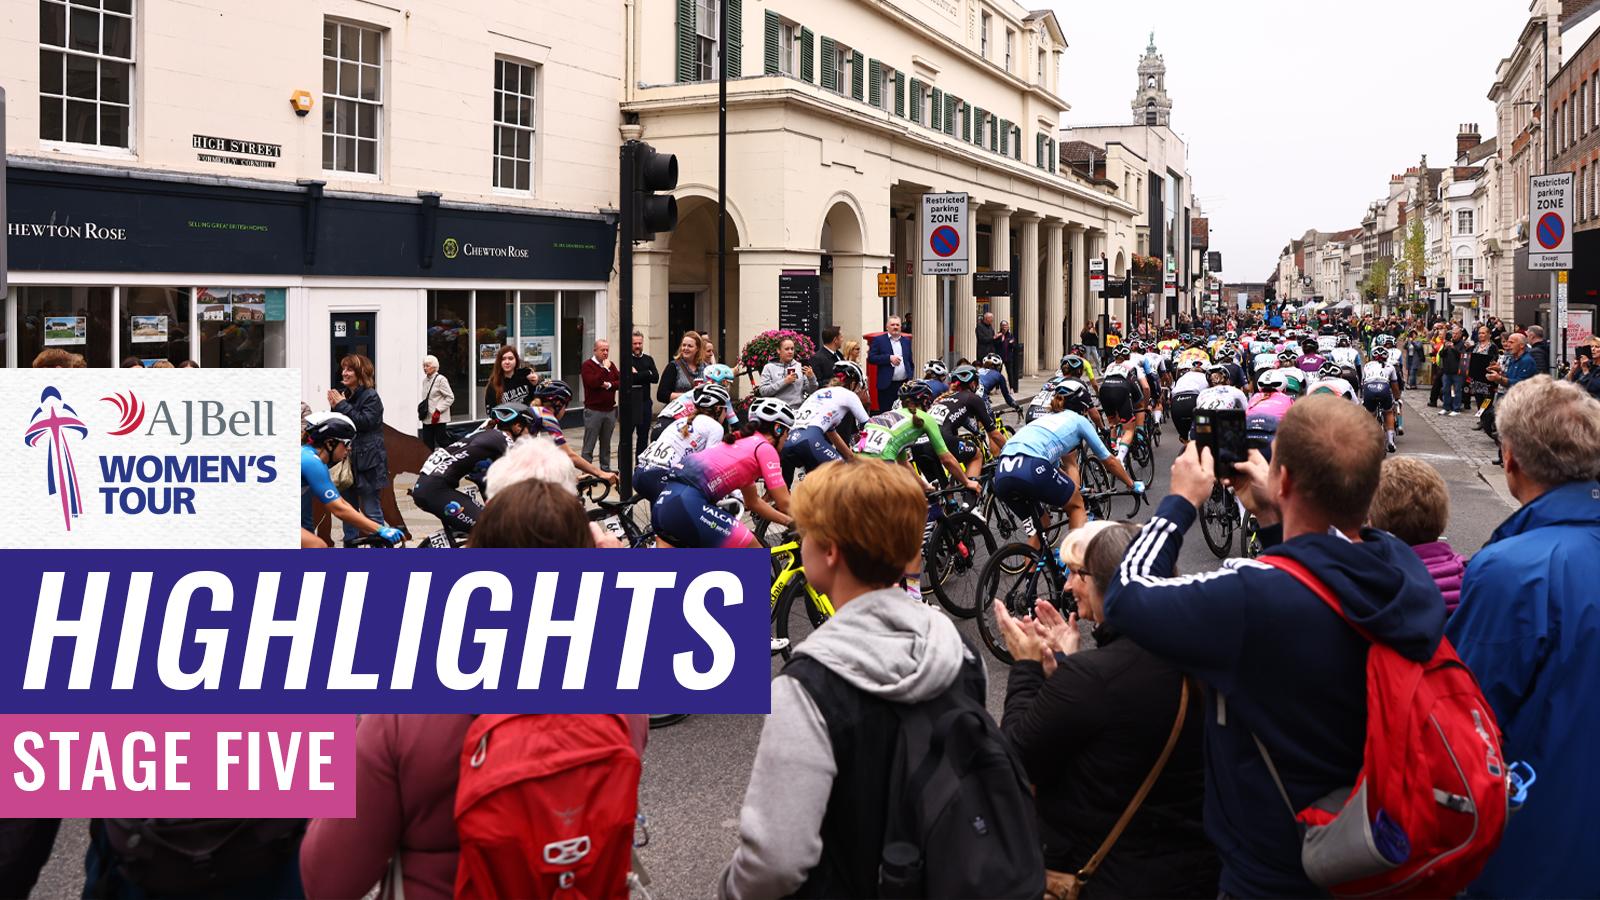 Women's Tour highlights